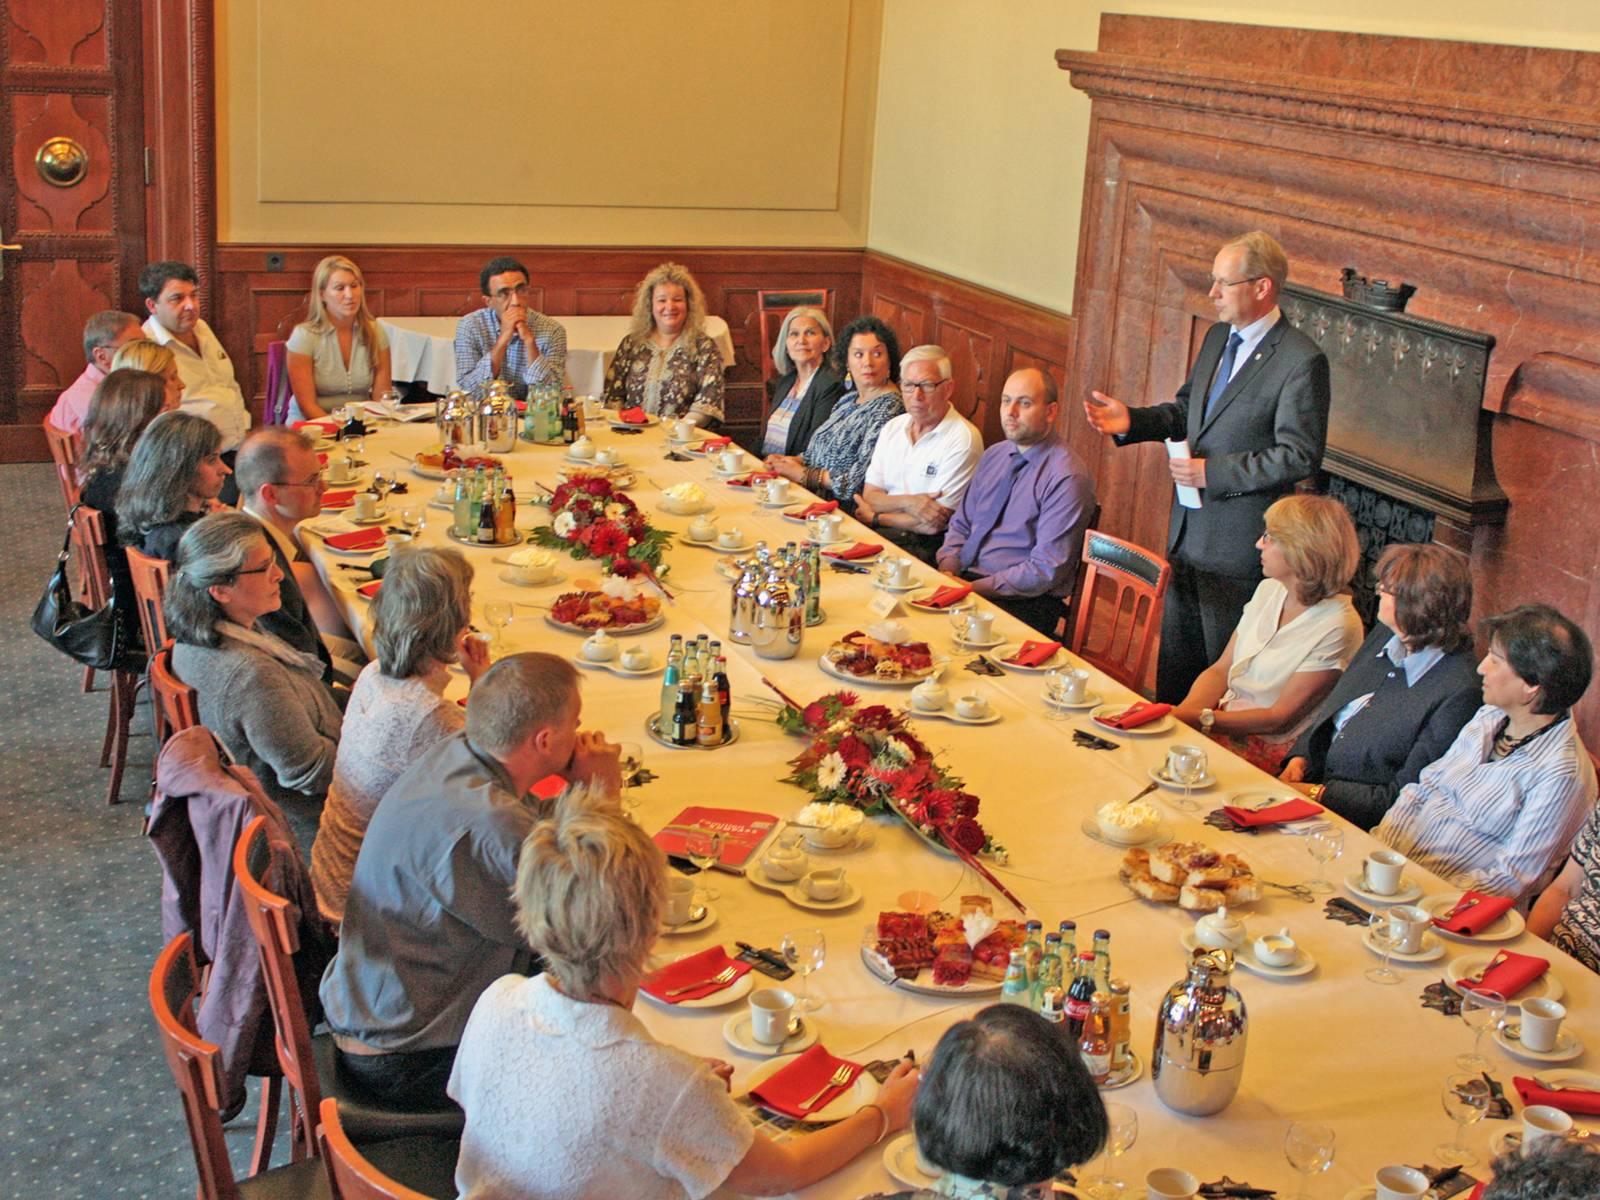 Oberbürgermeister Stefan Schostok empfängt Ehrenamtliche und spricht an einer Kaffeetafel zu den Gästen.